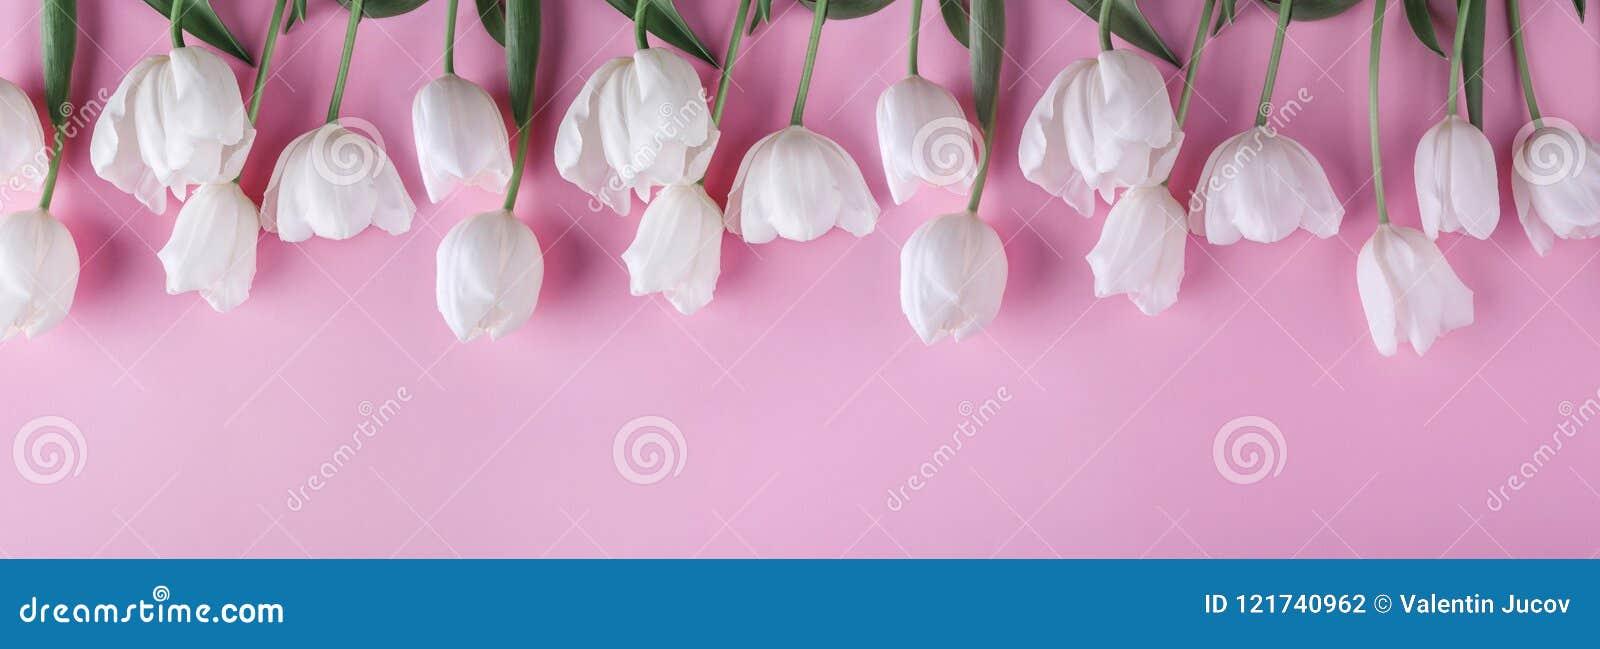 Flores blancas de los tulipanes sobre fondo rosa claro Tarjeta de felicitación o invitación de la boda